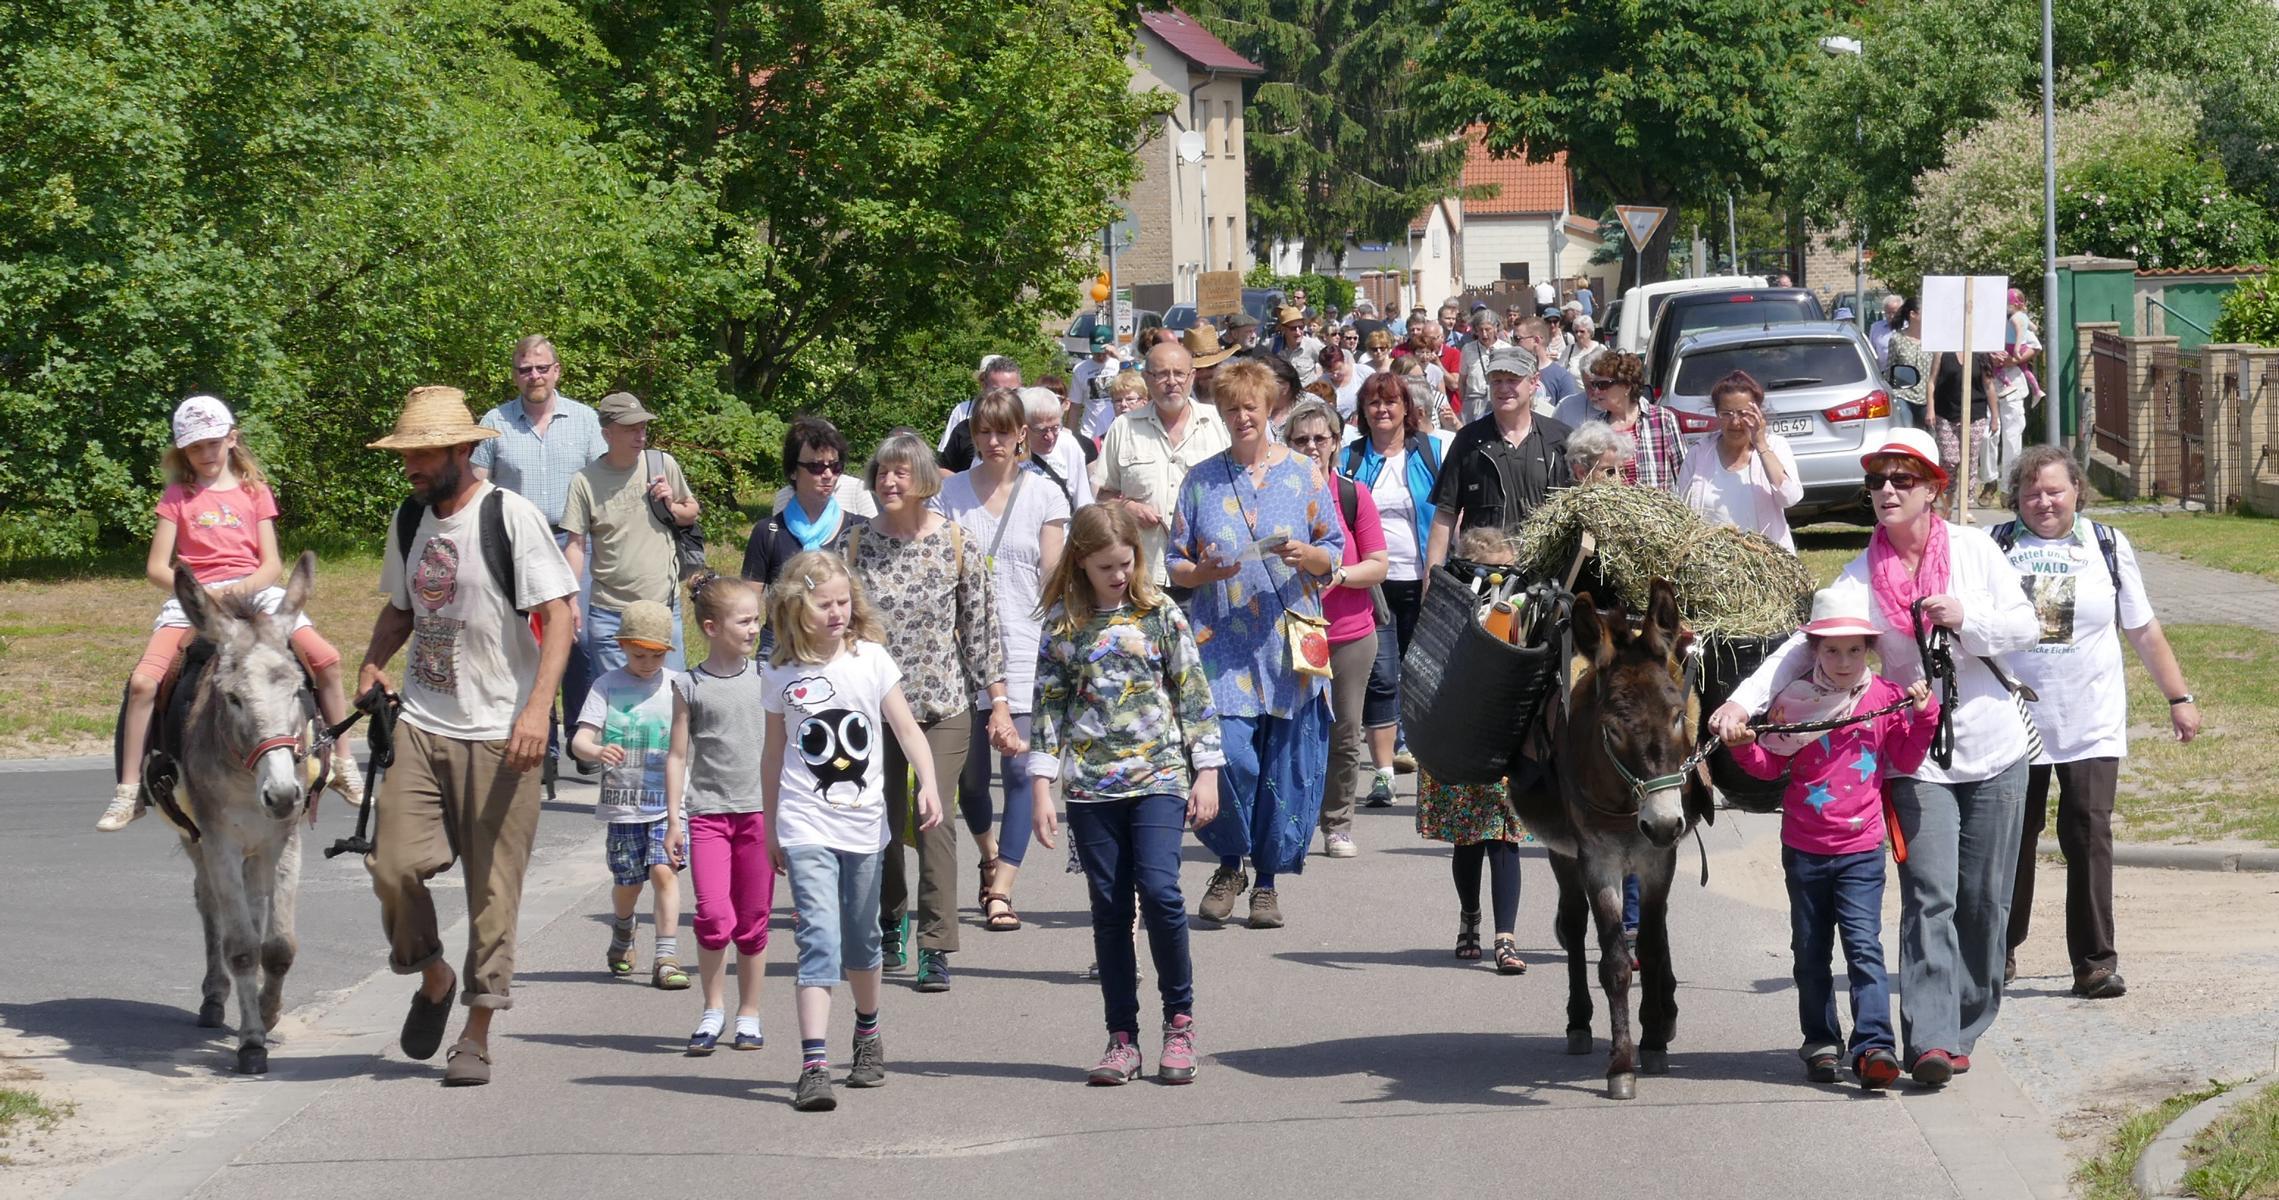 """Sonntag, 03. Juni 2018 / 11.00. Uhr / 7 . Aktionswandertag """"Rettet unseren Wald"""" mit Waldfest in Bliesendorf (Bliesendorfer Dorfstr. 10)"""